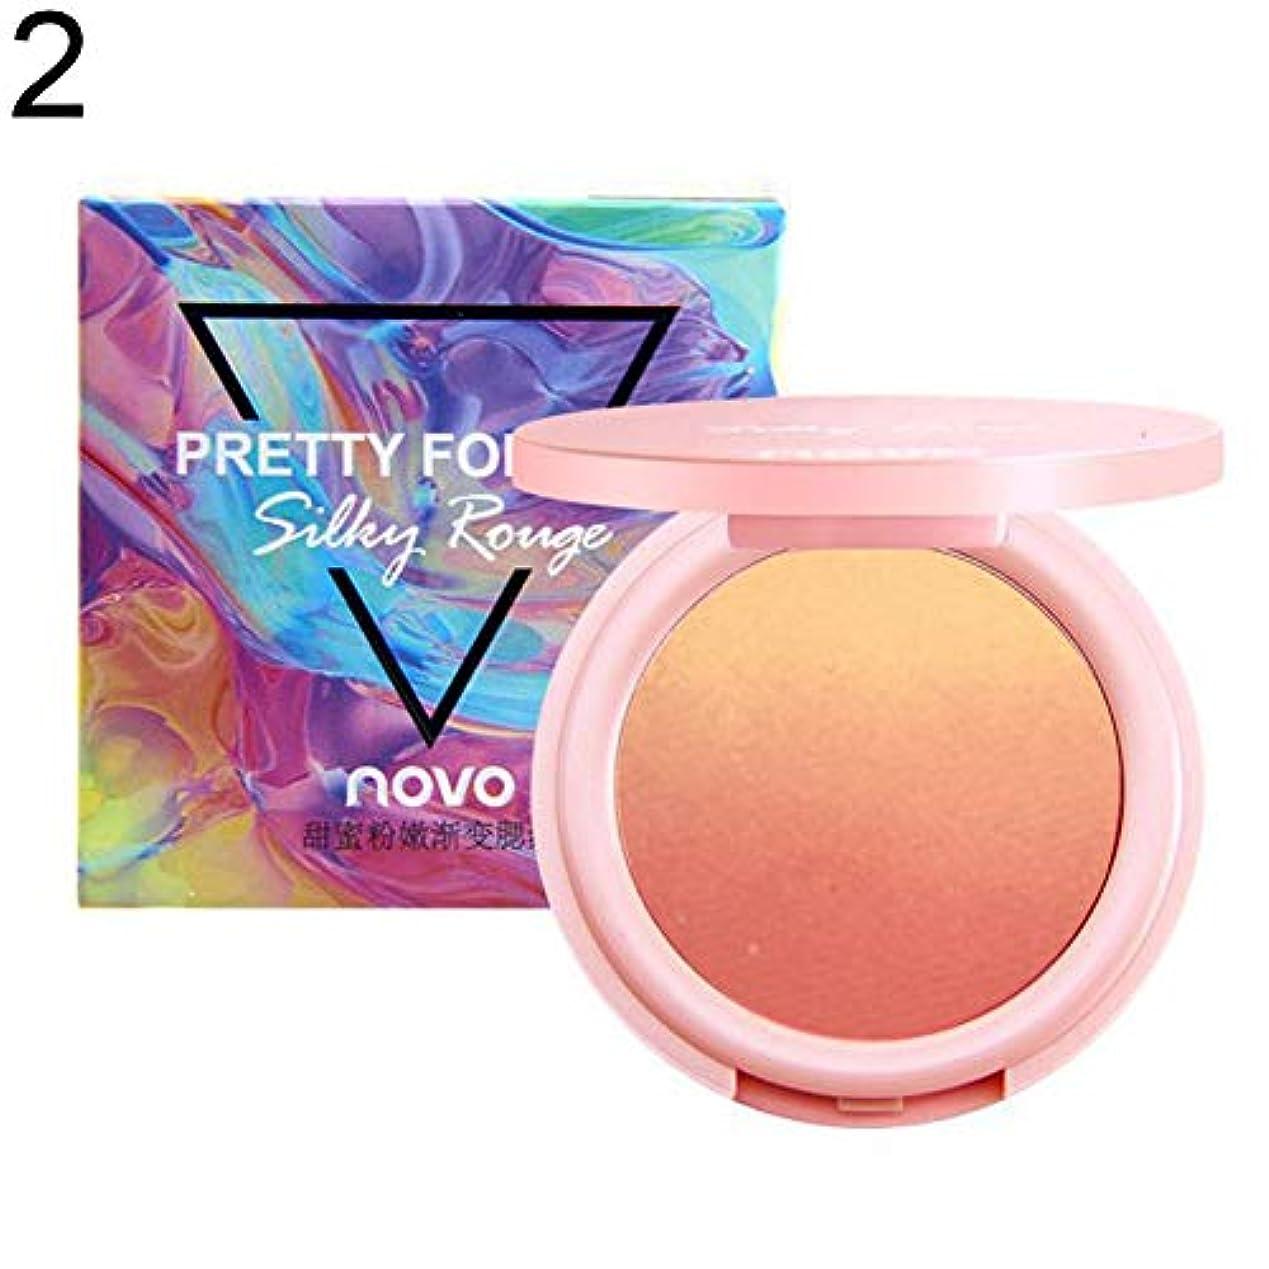 スカイ若い十分ではないNOVOプロ2色フェイスブラッシャーパウダー長続きがする明るく頬化粧品 - 2#